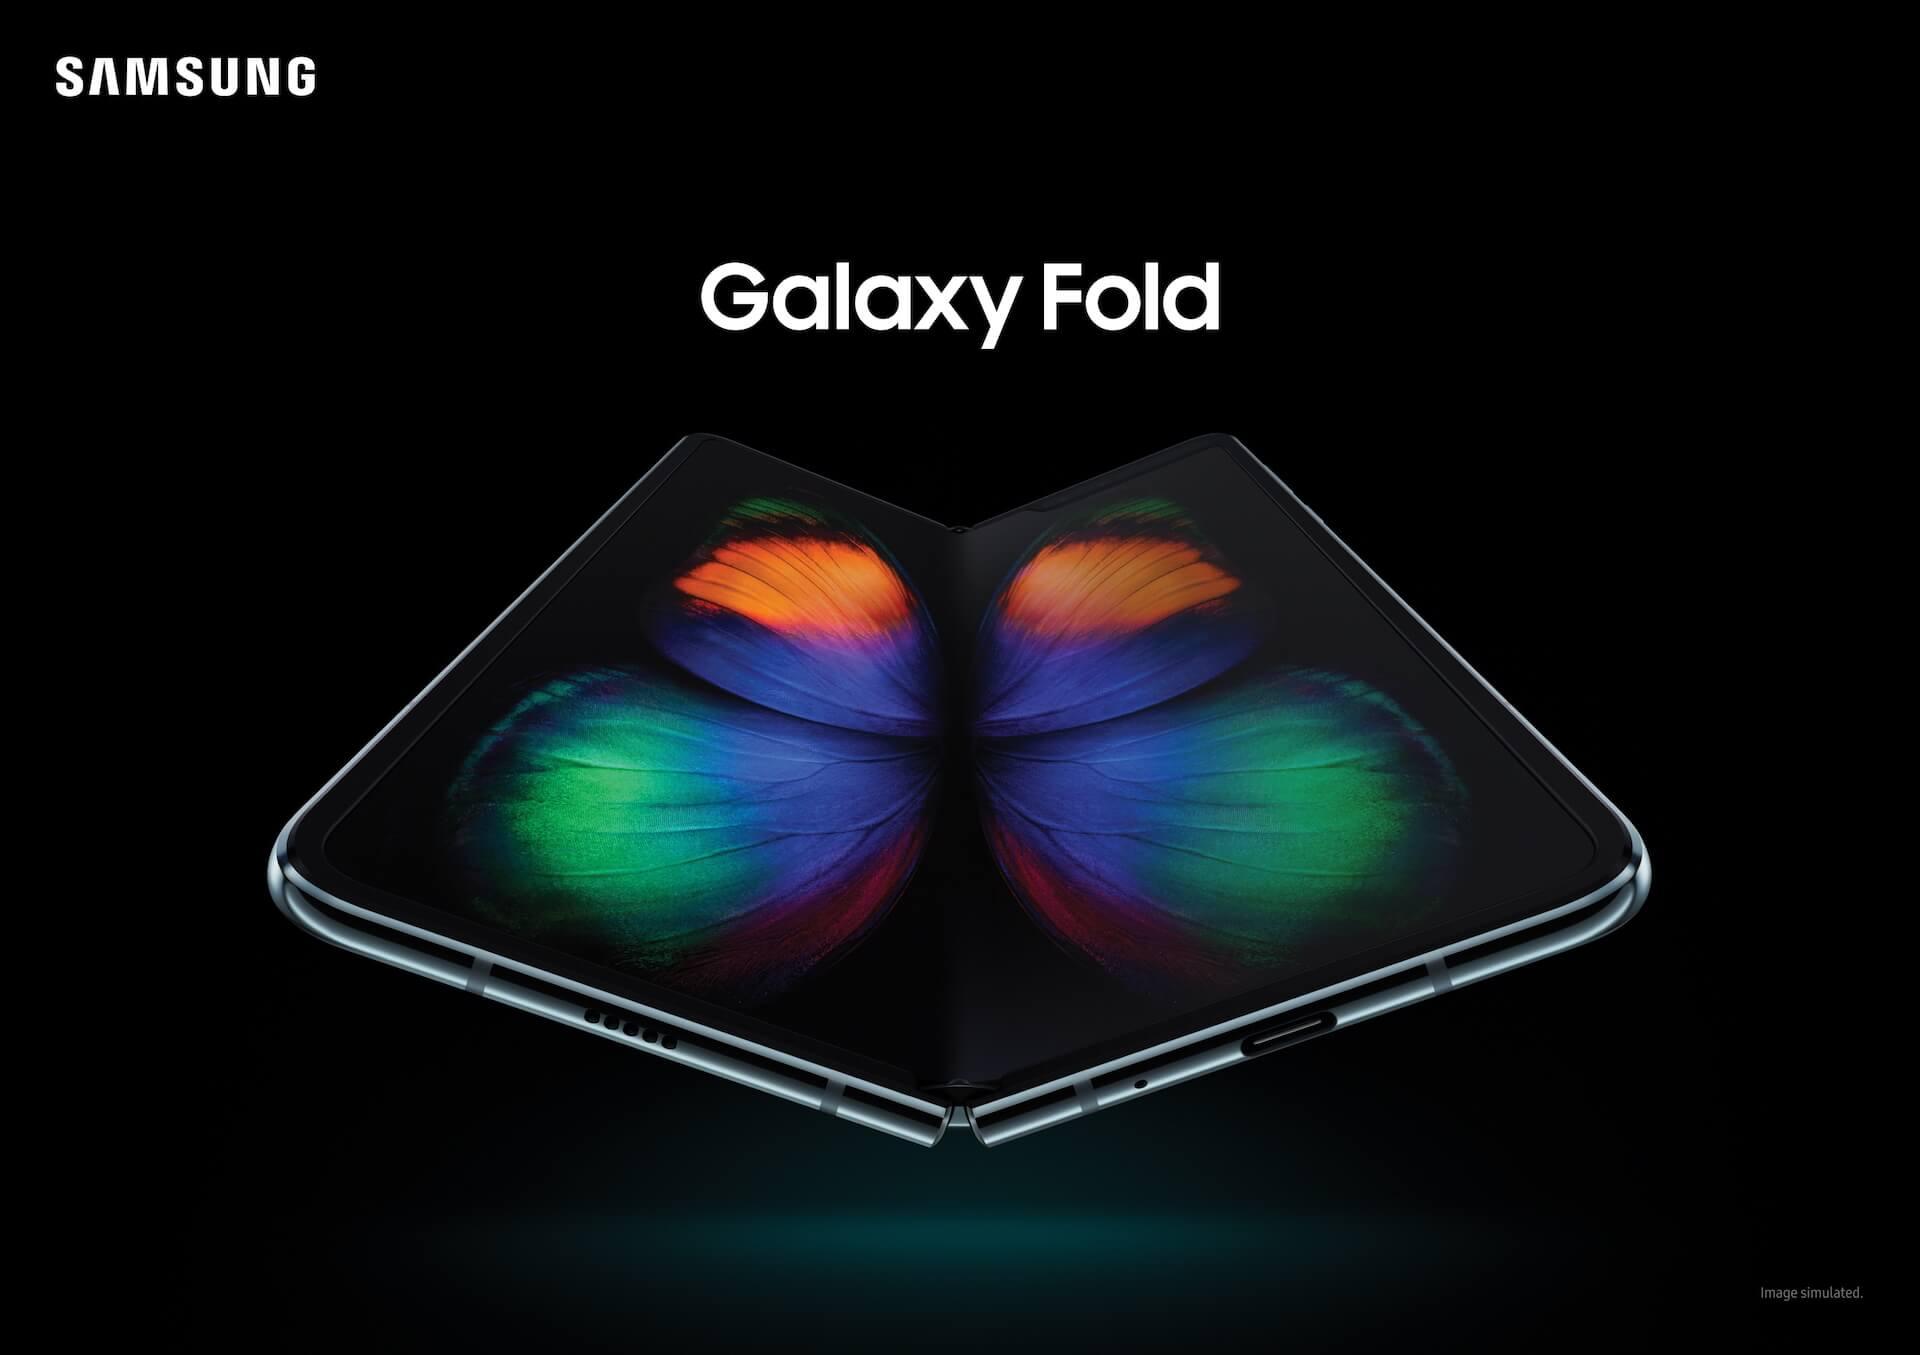 Samsung、折りたたみスマホ「Galaxy Fold」の新端末を来年発表?Galaxy S11、Galaxy Buds+も同時に発表か tech191212_galaxyfold_2